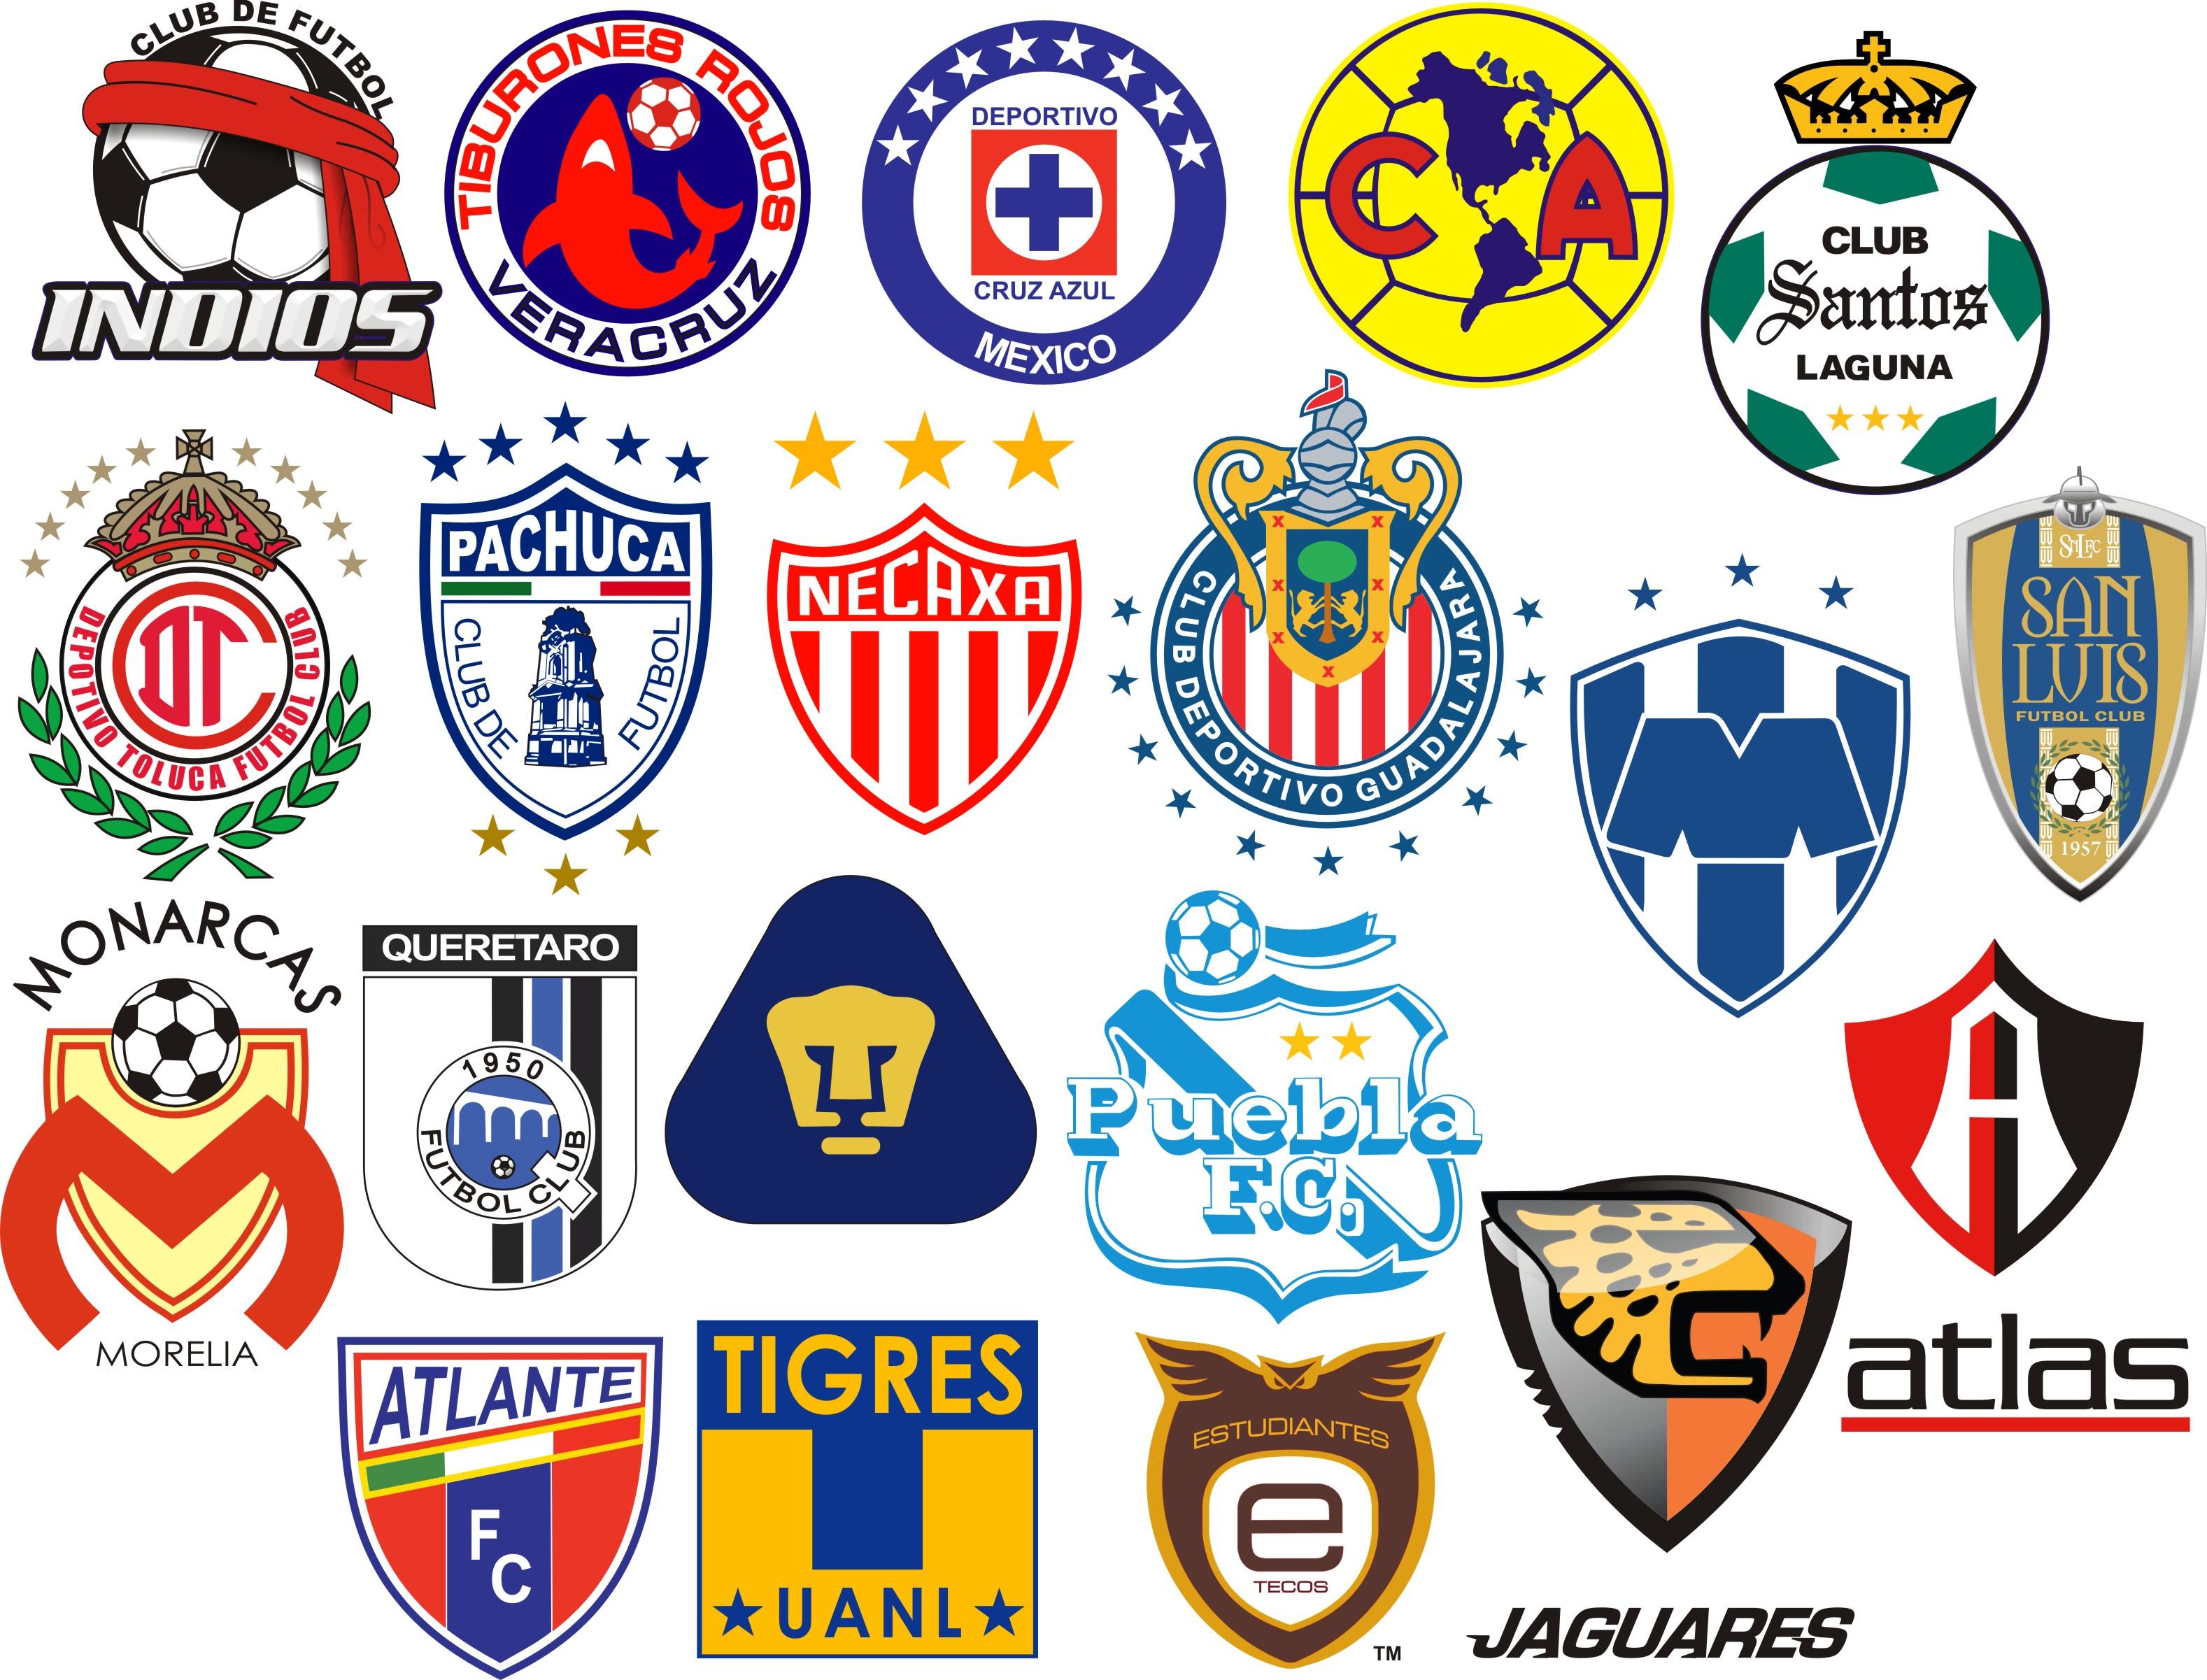 logotipos de los equipos de futbol mexicanos iron giant